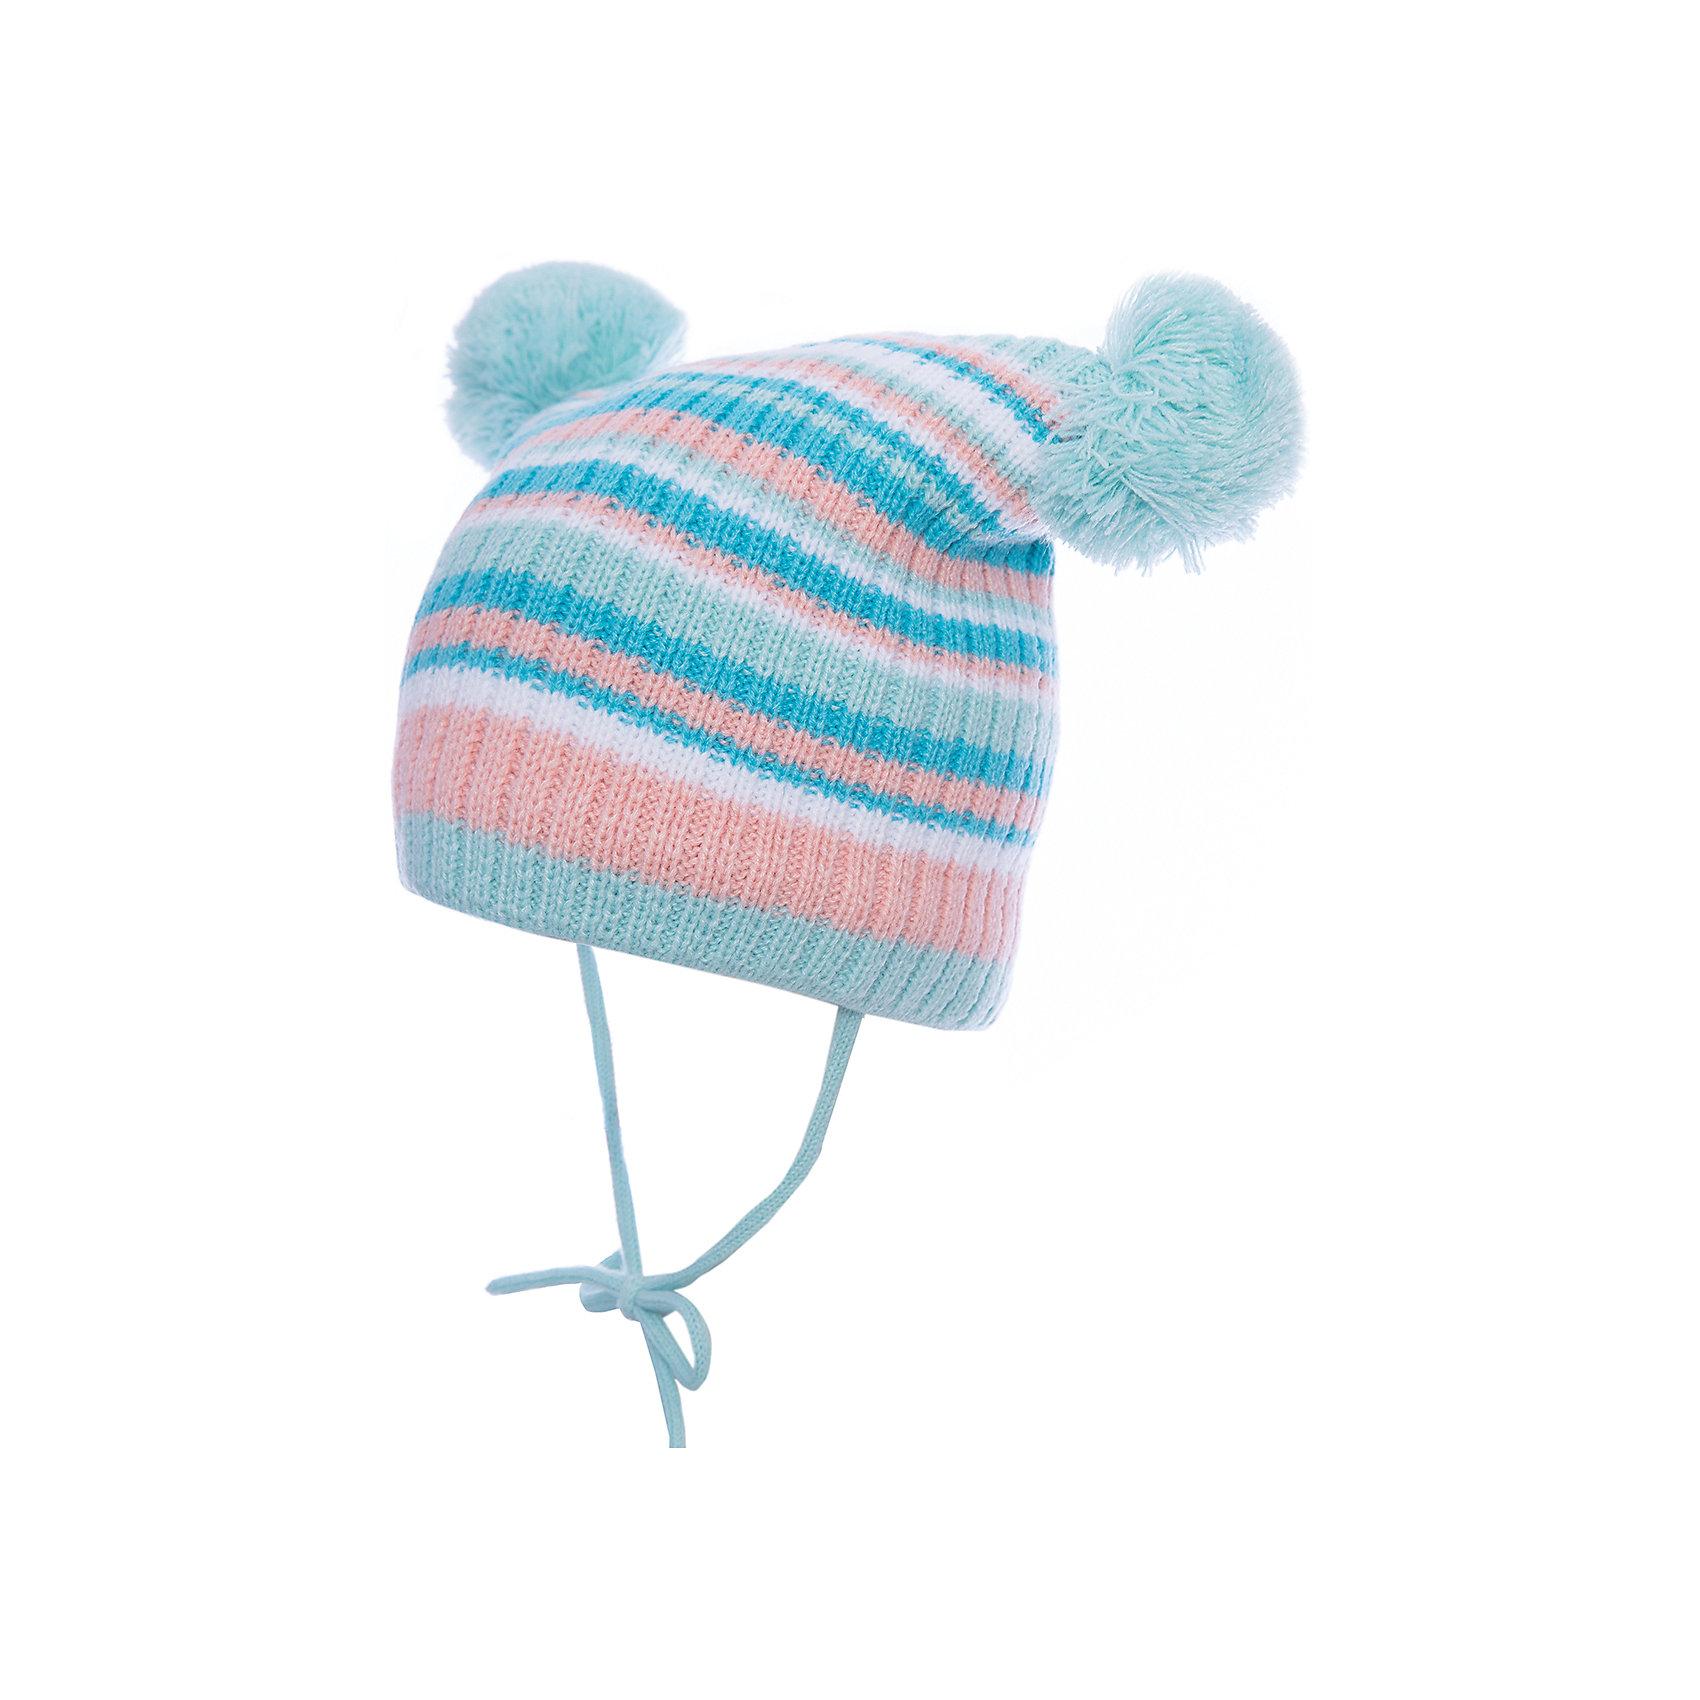 Шапка PlayToday для девочкиШапочки<br>Шапка PlayToday для девочки<br>Двуслойная вязаная шапка на завязках. Подкладка из флиса. Верхняя часть выполнена по технологии yarn dyed - в процессе производства используются разного цвета нити. Изделие, при рекомендуемом уходе, не линяет и надолго остается в первоначальном виде. Модель дополнена двумя помпонами.<br>Состав:<br>Верх: 60% хлопок, 40% акрил, подкладка:100% полиэстер<br><br>Ширина мм: 89<br>Глубина мм: 117<br>Высота мм: 44<br>Вес г: 155<br>Цвет: белый<br>Возраст от месяцев: 12<br>Возраст до месяцев: 18<br>Пол: Женский<br>Возраст: Детский<br>Размер: 48,46<br>SKU: 7110403